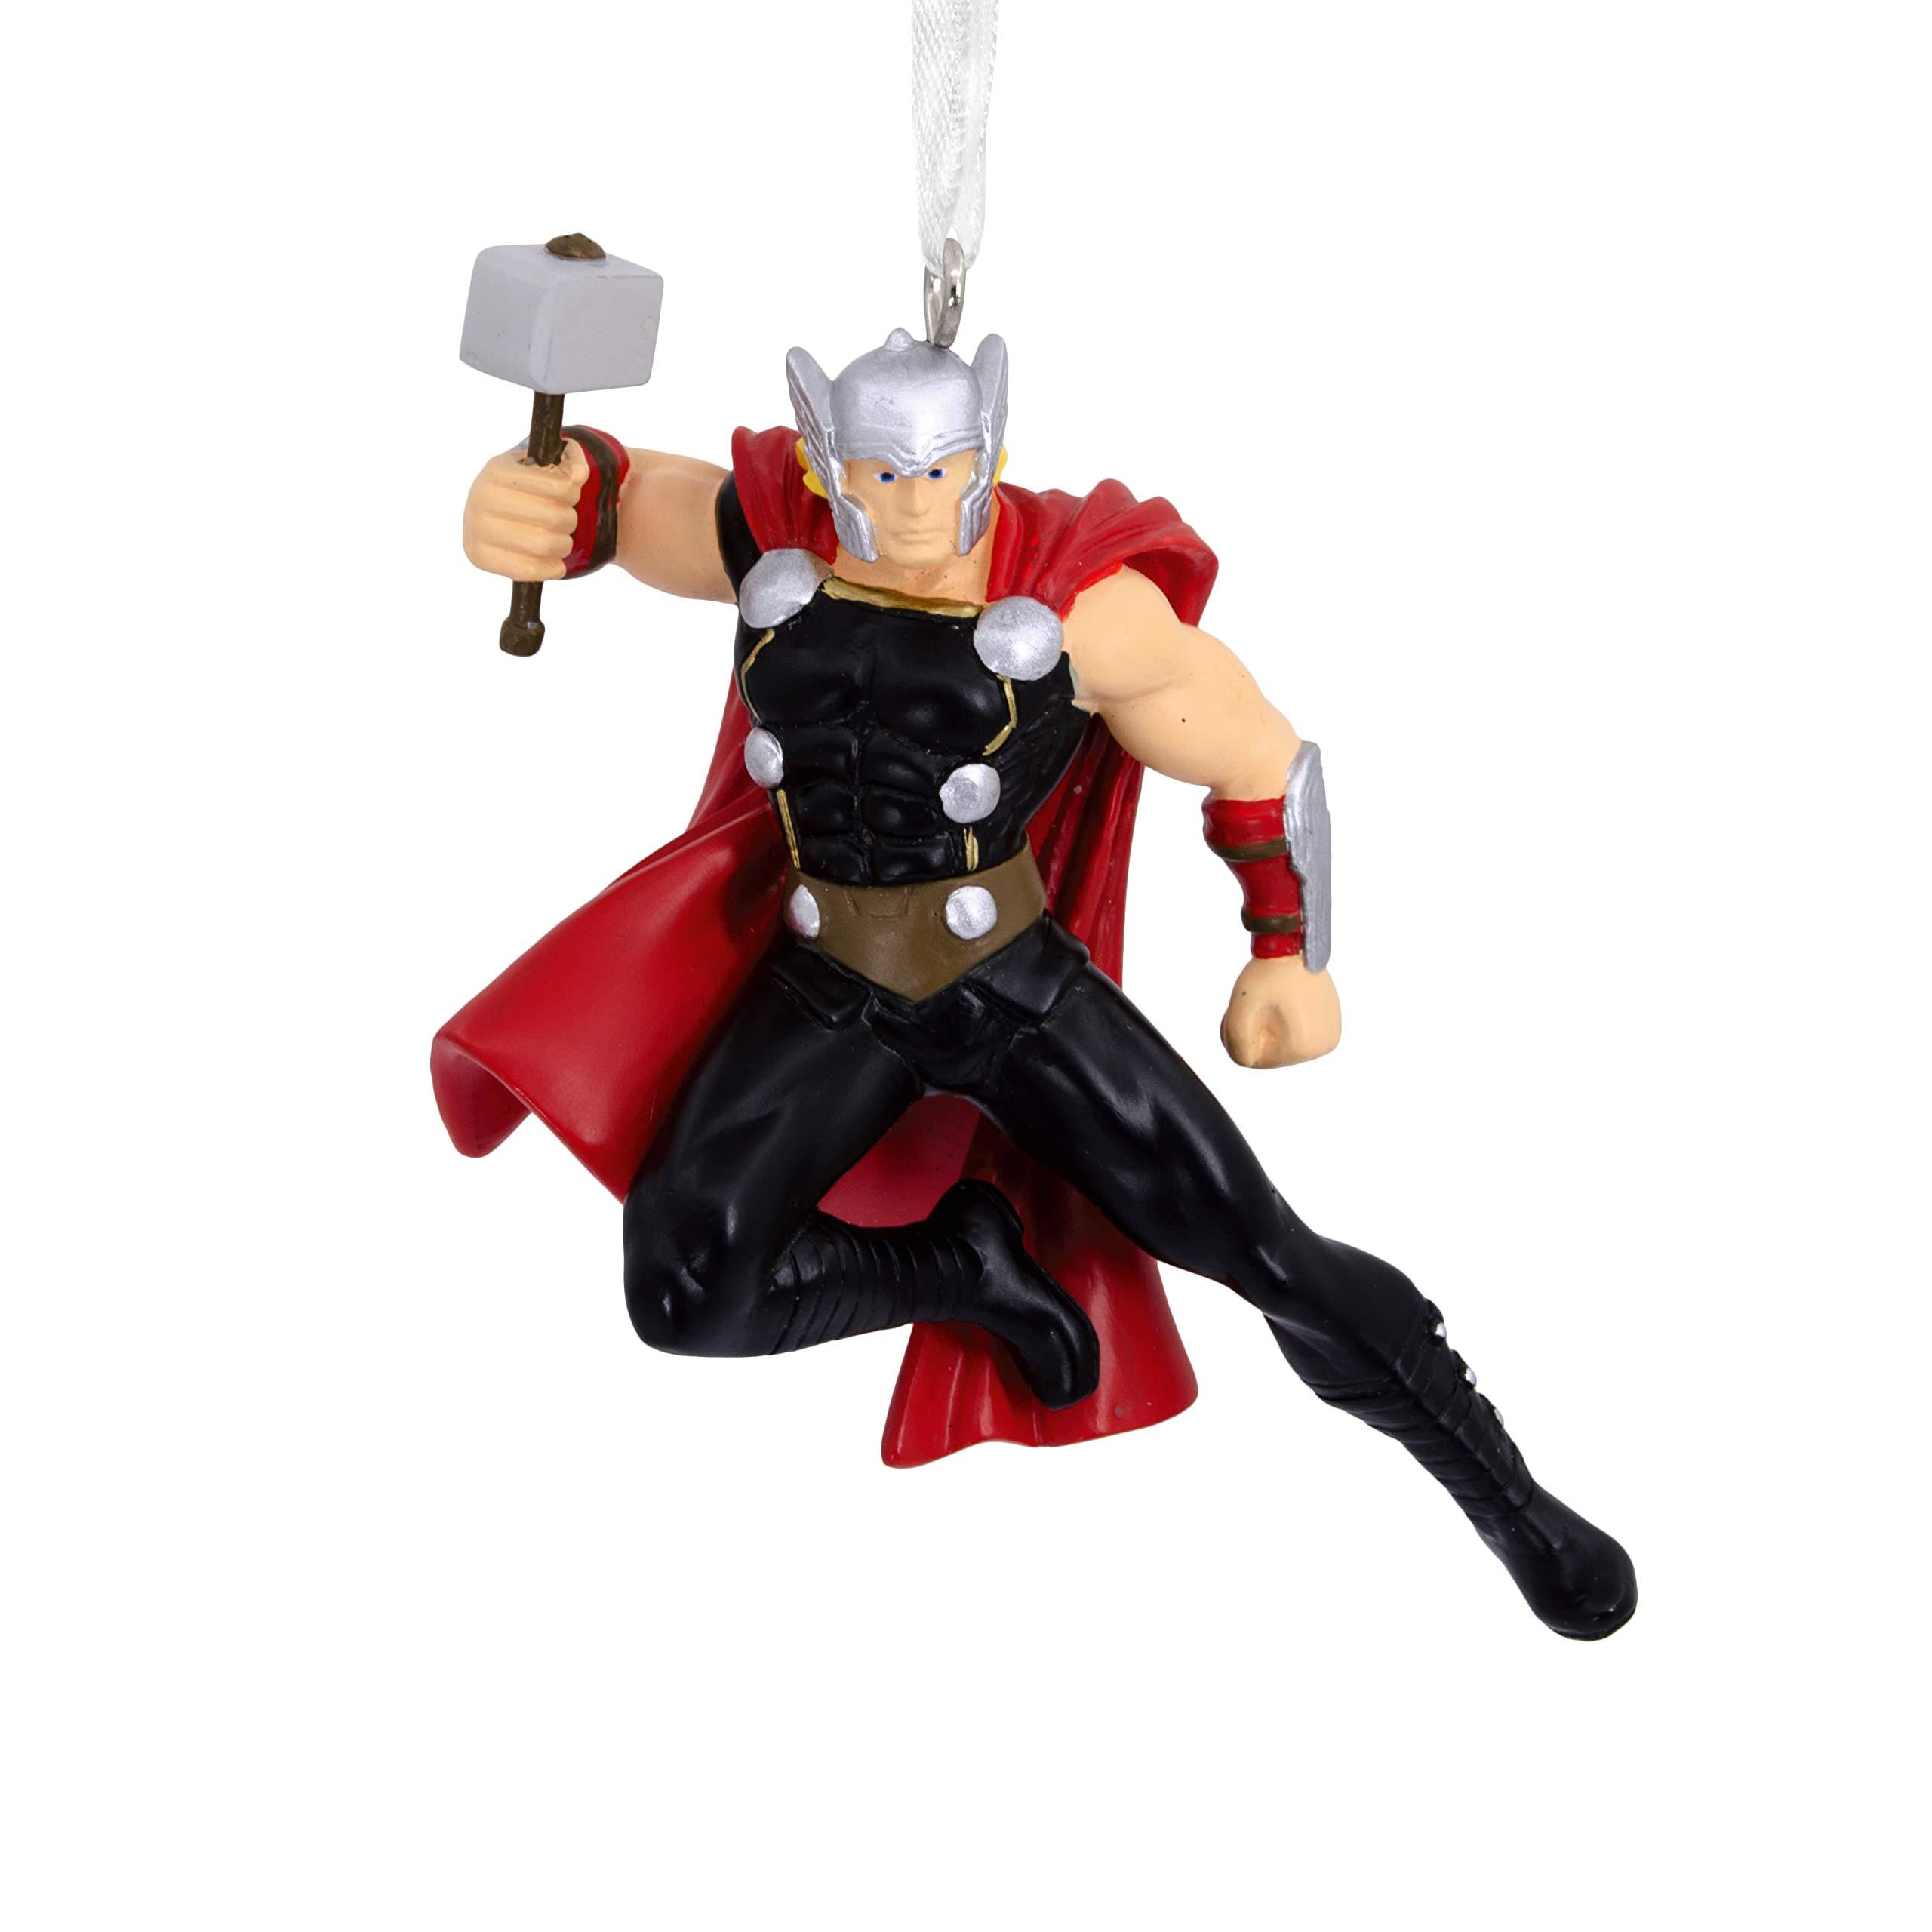 Hallmark Christmas Ornaments, Marvel Thor With Mjolnir Ornament